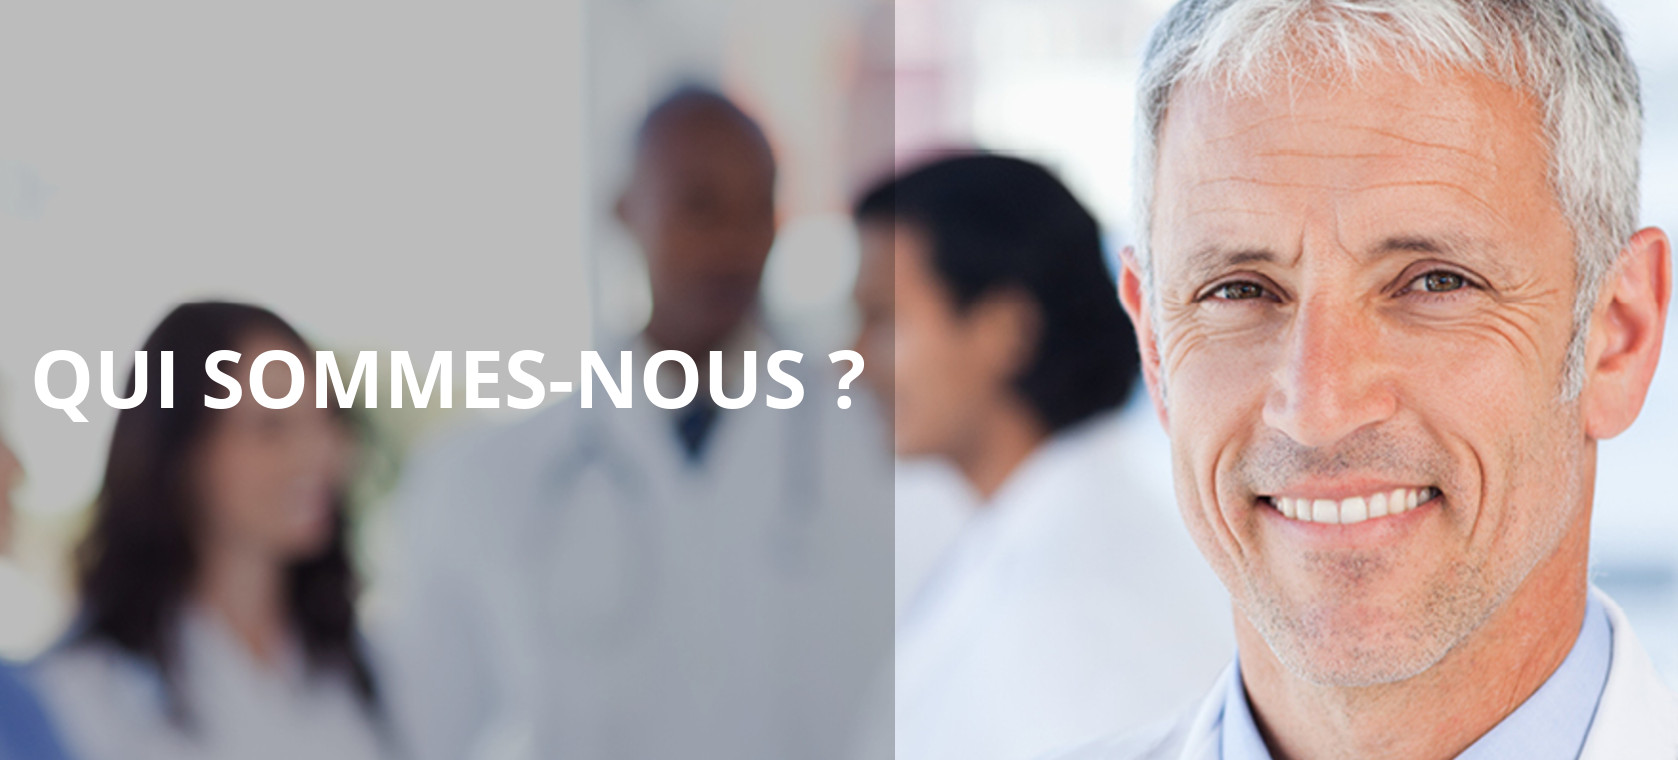 Audition Conseil, réseau de spécialistes de l'audition en France